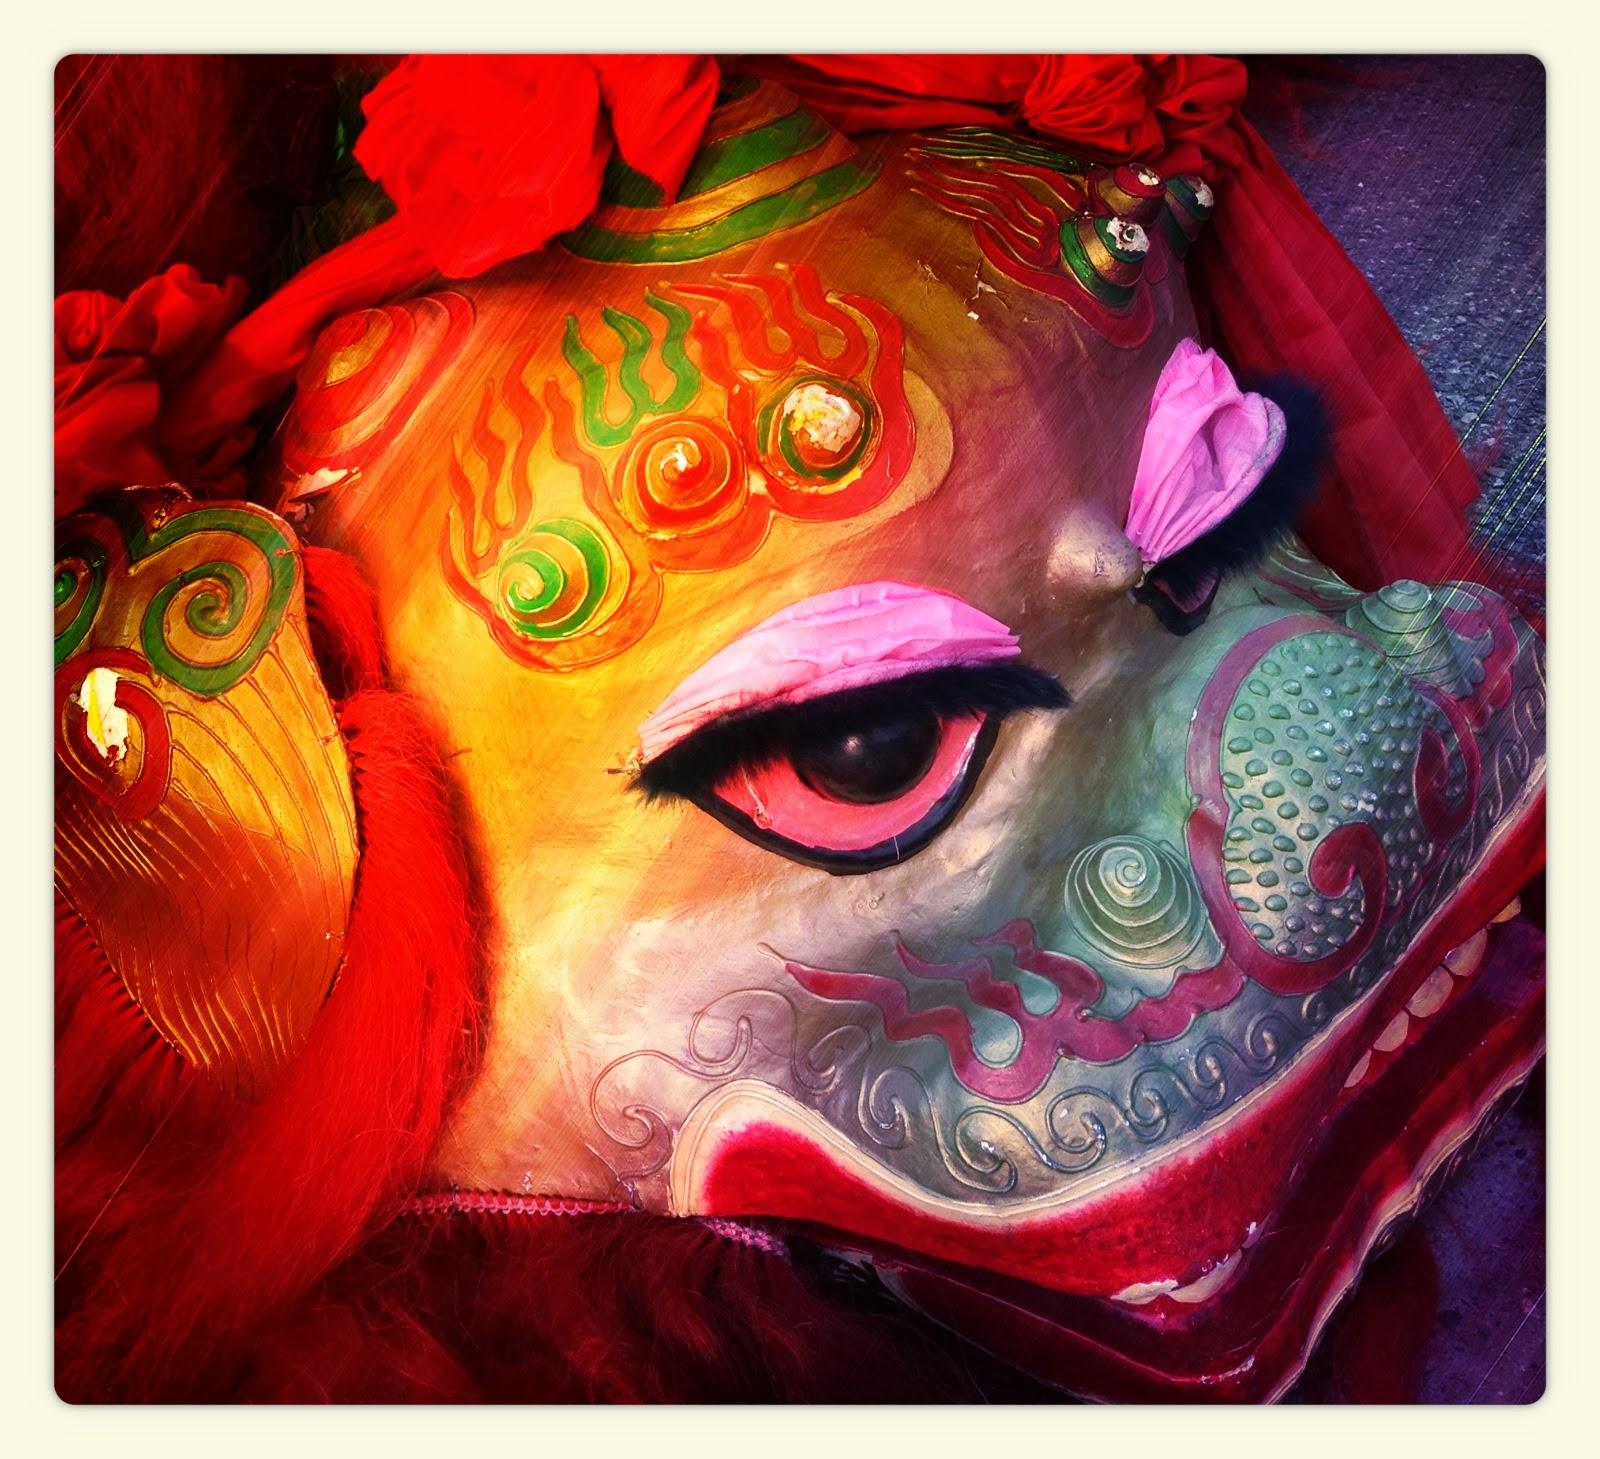 capodanno cinese a Milano, domenica 2 febbraio 2014